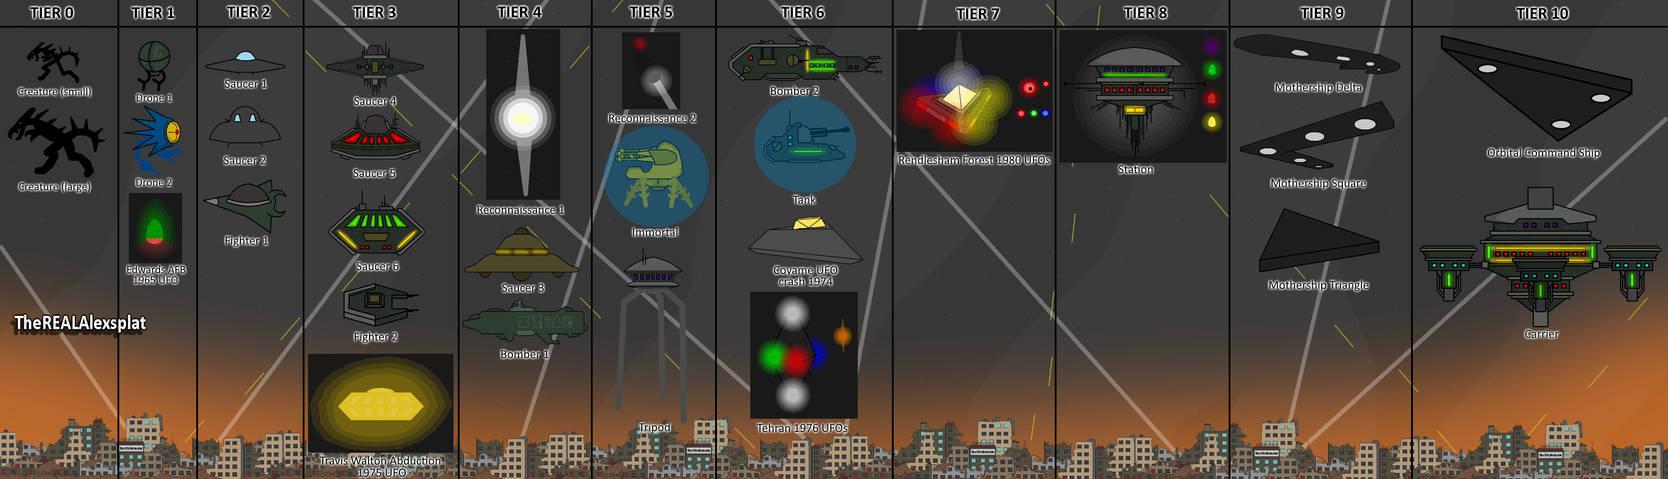 Pivot Alien Invasion Fight War Animation S1 Aliens